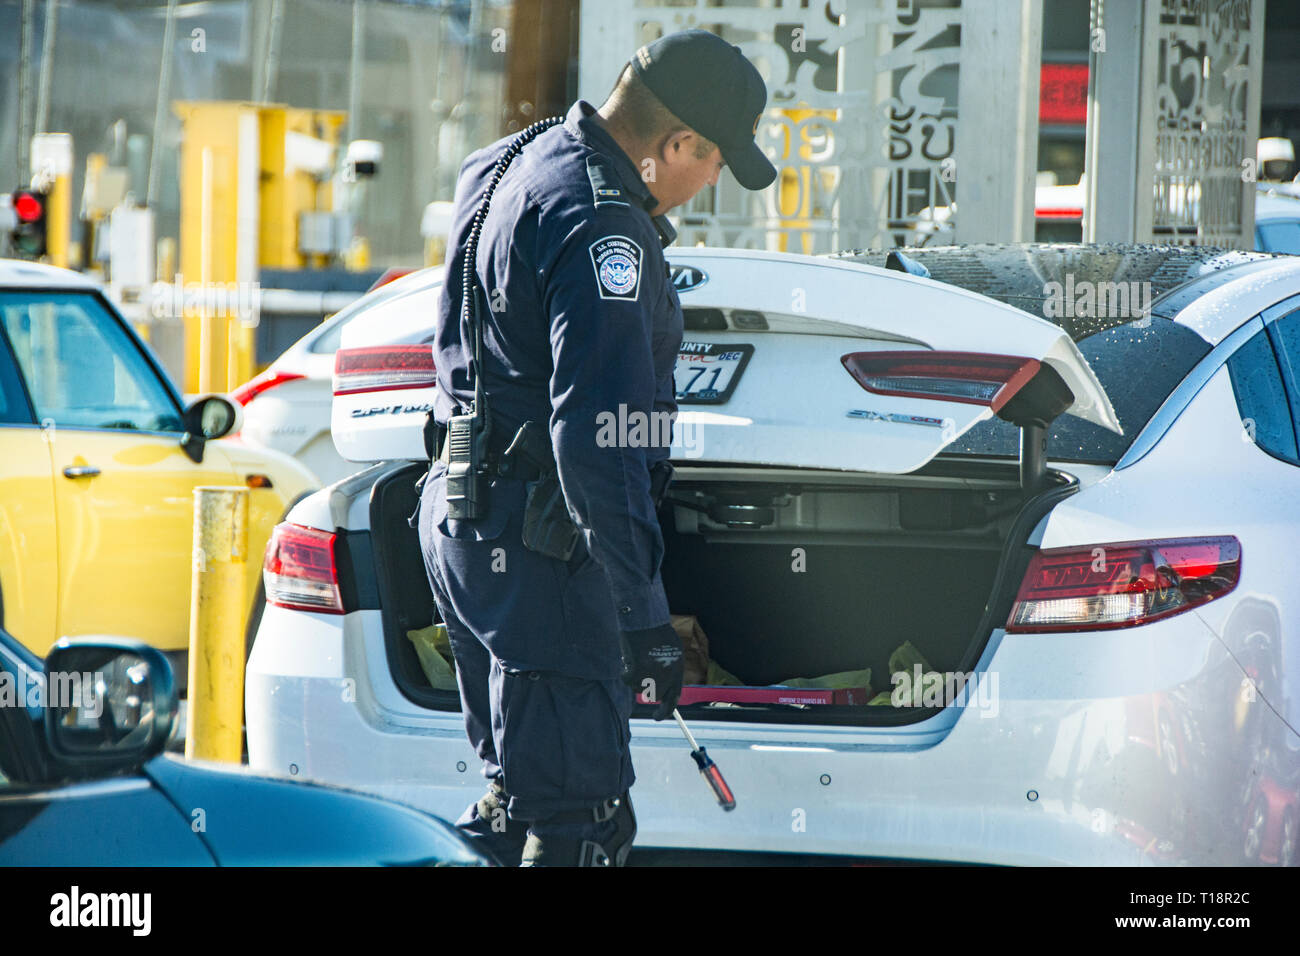 Una pattuglia di confine officer andando auto in auto al San Ysidro di frontiera con uno specchio di peek sotto i veicoli. Immagini Stock